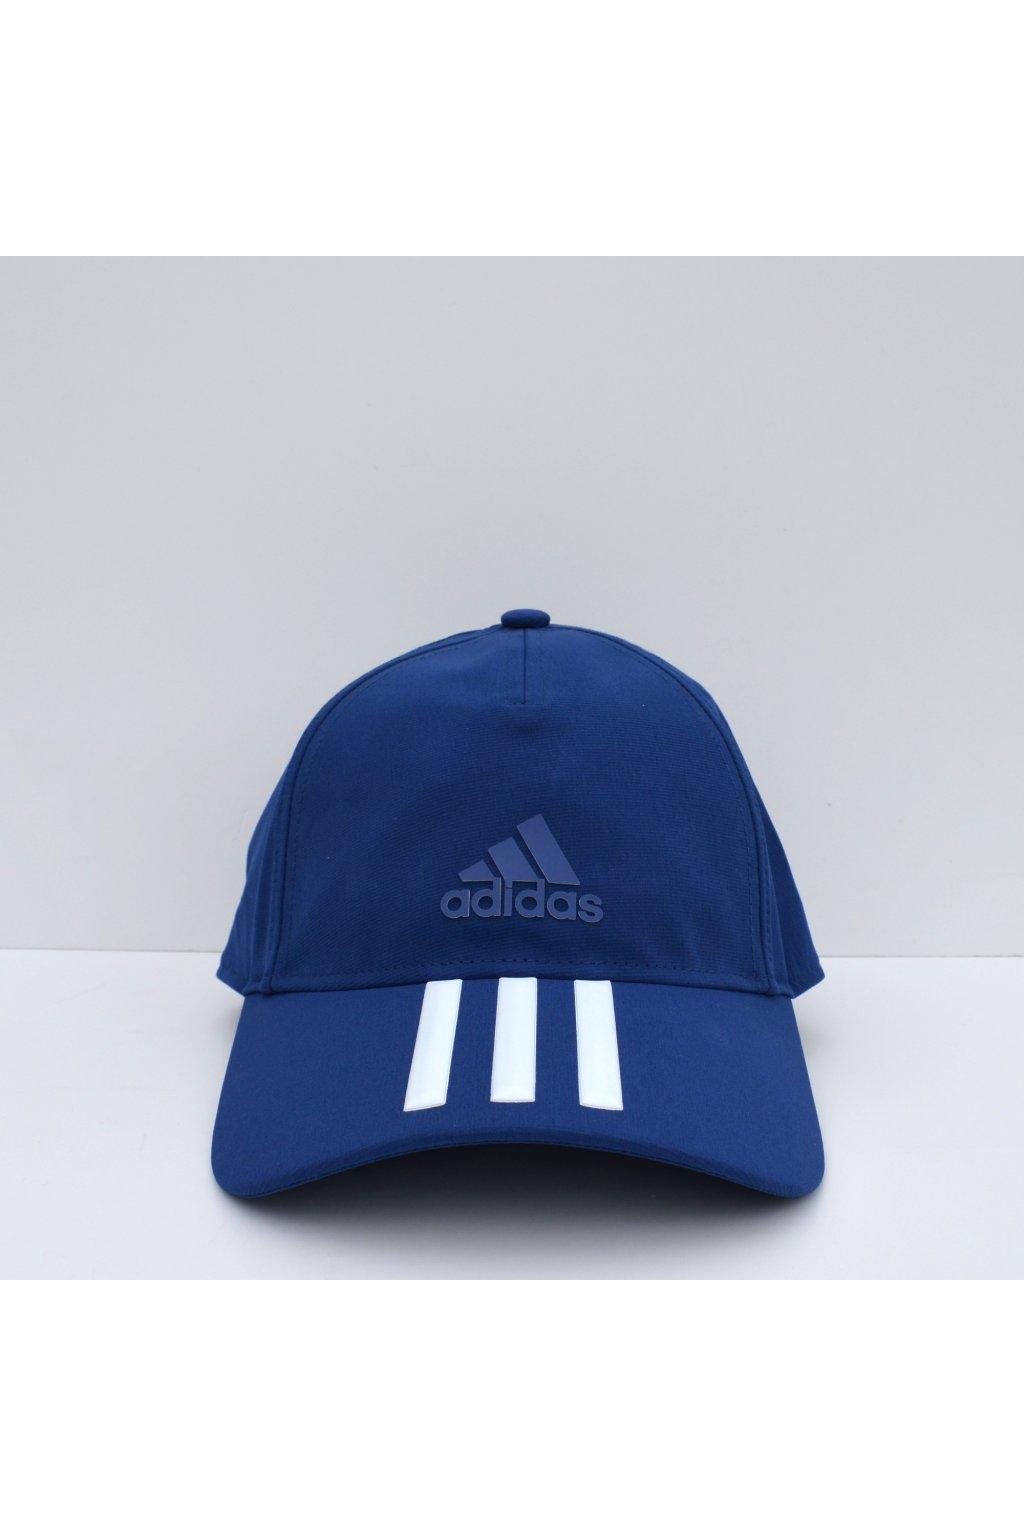 siltovka adidas 3s climalite cg2317 (1)